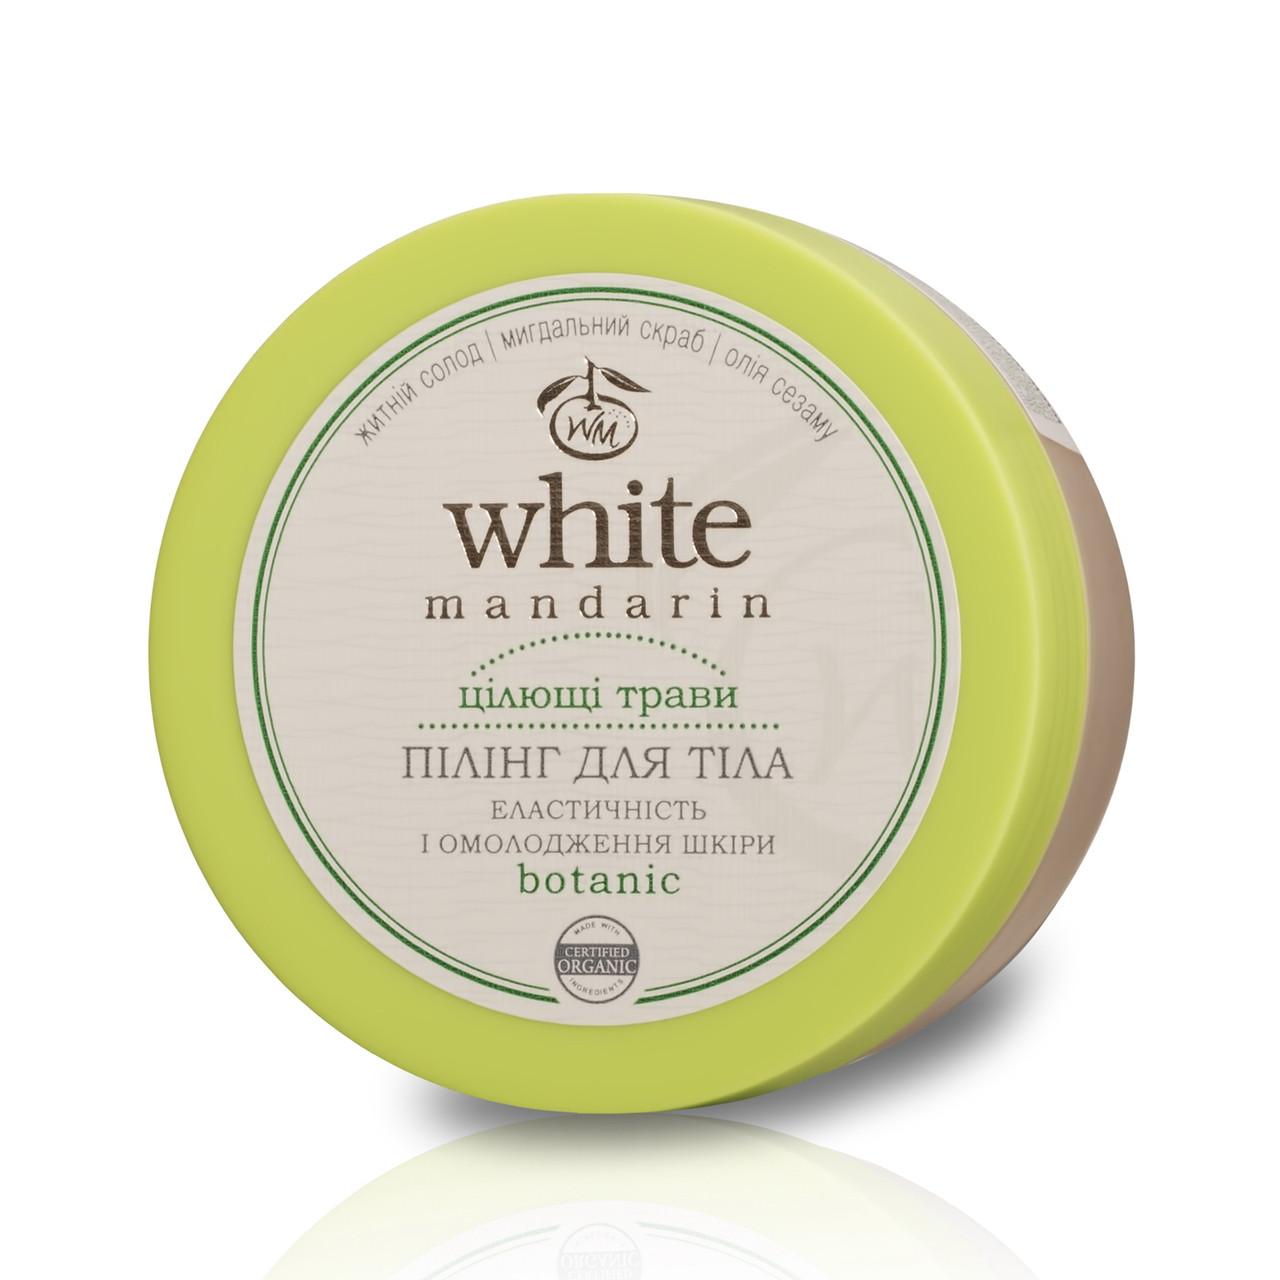 """Натуральна косметика «White Mandarin» (WM0021) пілінг-скраб для тіла, серія """"Цілющі трави"""", 300 мл"""